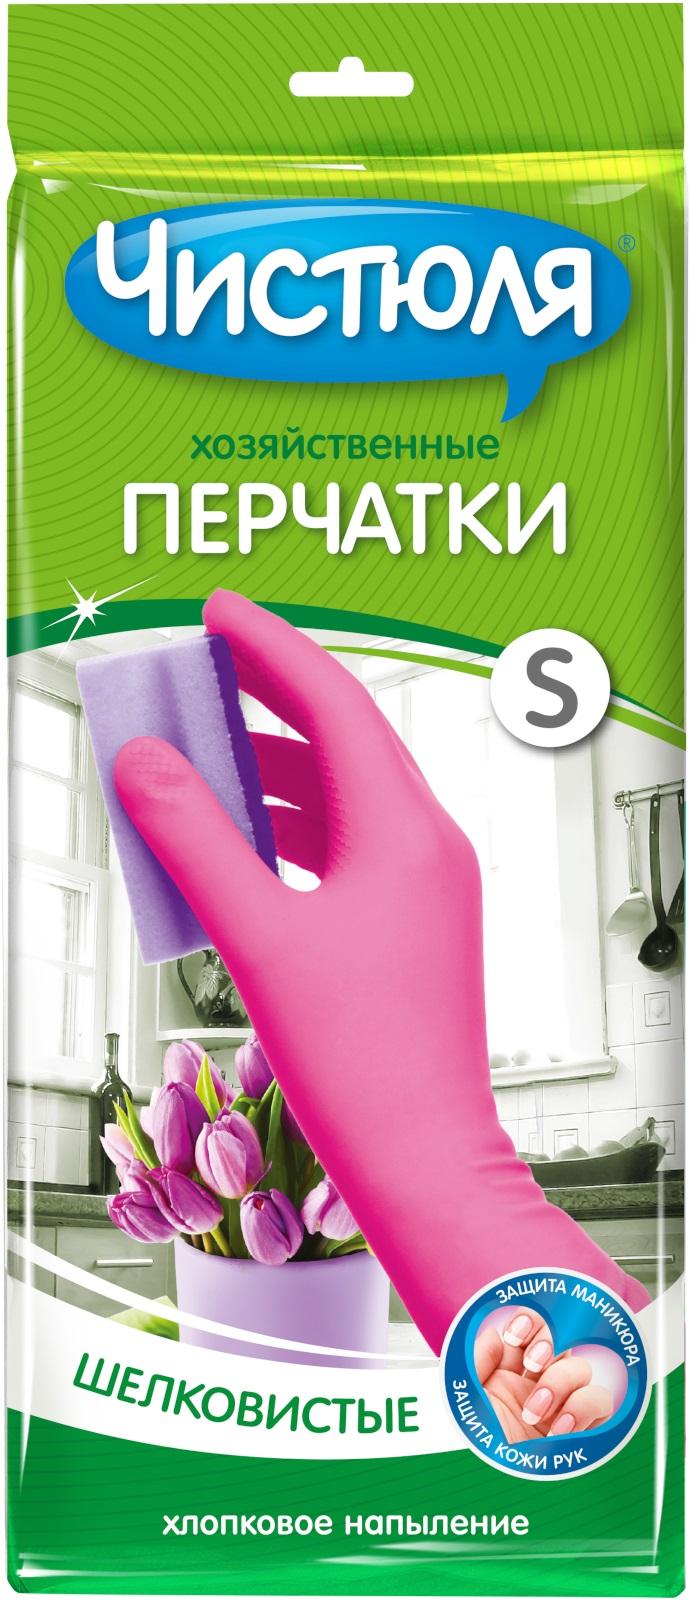 Перчатки для уборки ЧИСТЮЛЯ хозяйственные из латекса с хлопковым напылением размер S